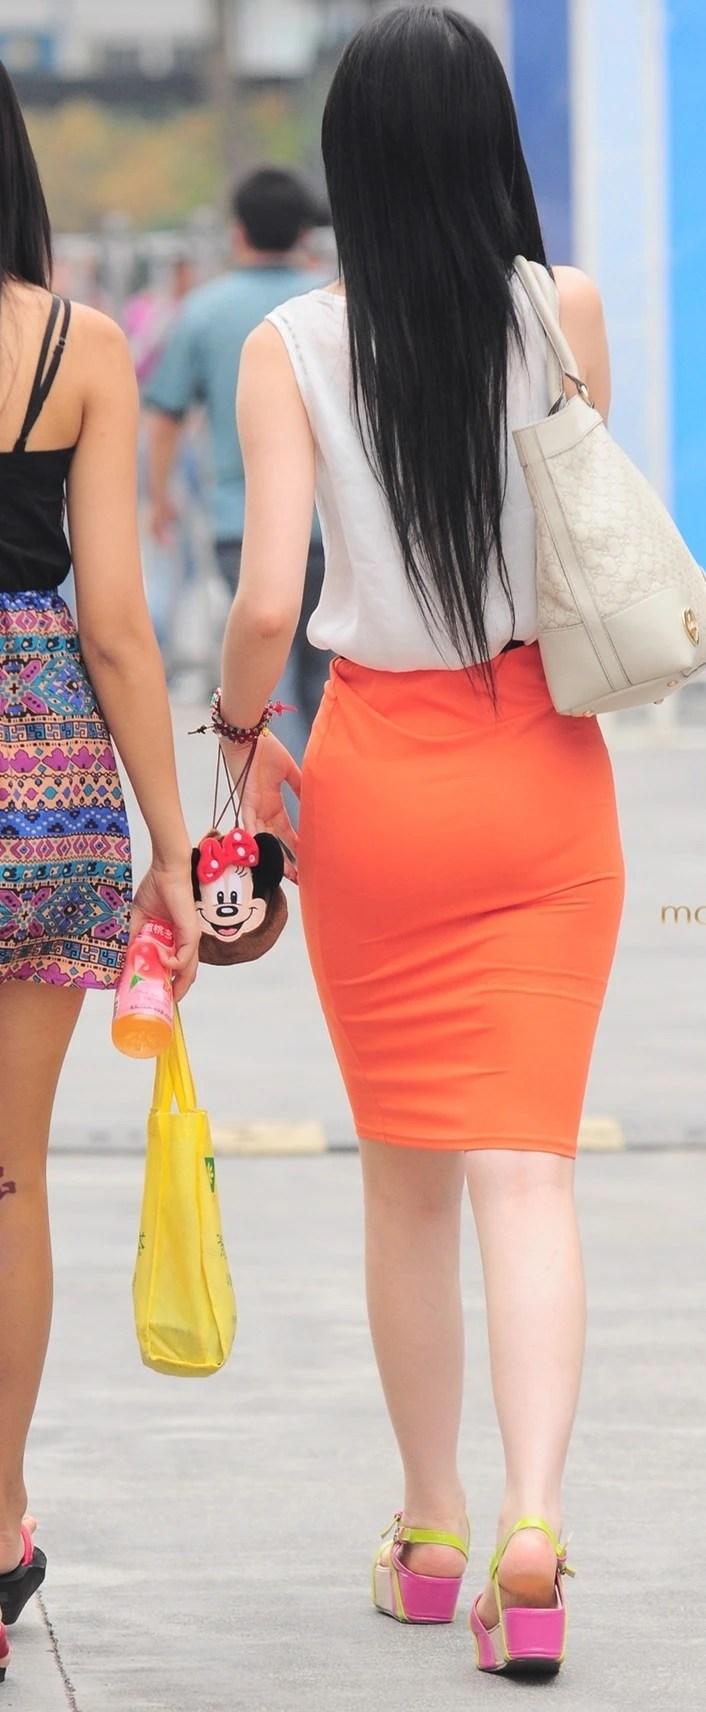 路人街拍,長發披肩S型身材的時尚少女,橘色包臀盡顯渾圓背影!